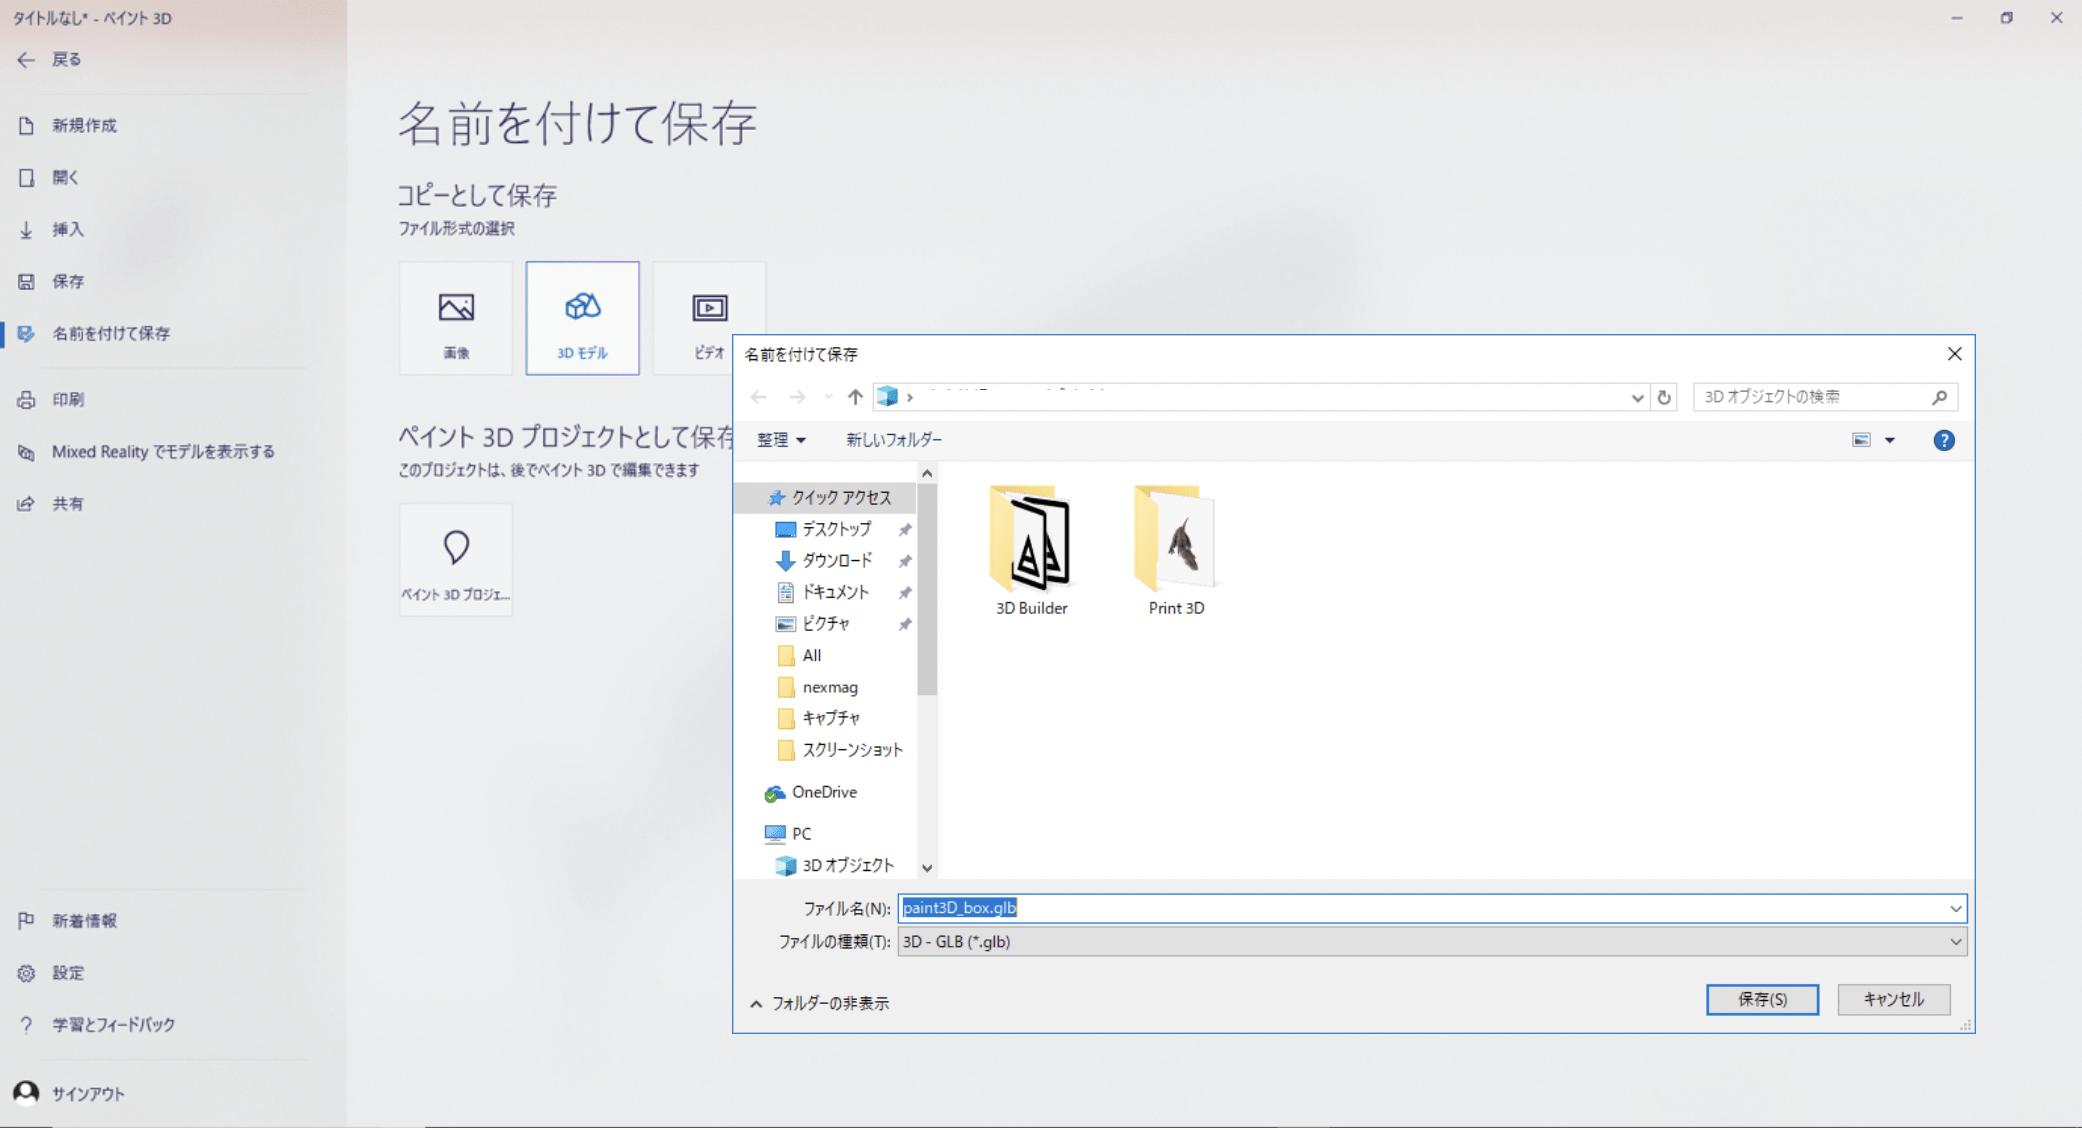 「3D モデル」を選択してファイルを保存